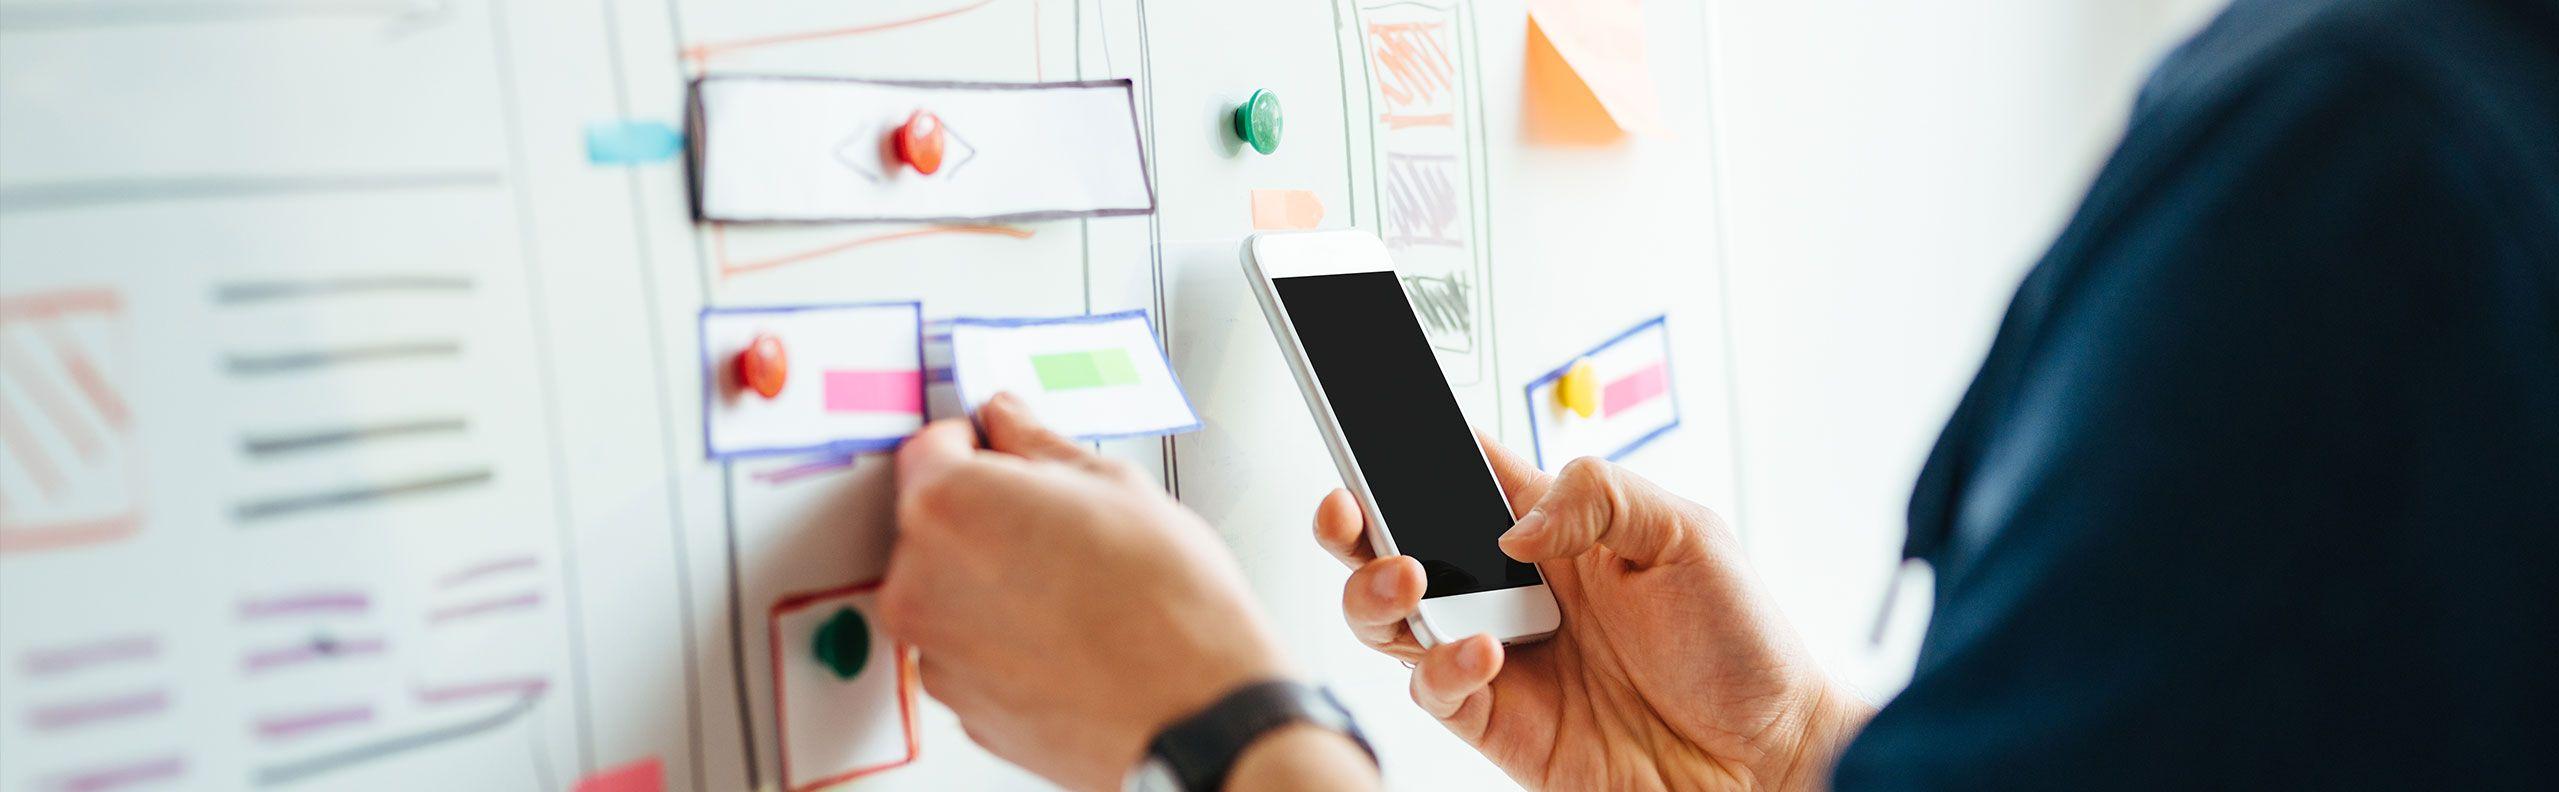 Eunoia Digital - La Usabilidad en el Product Design: Un pilar básico del UX